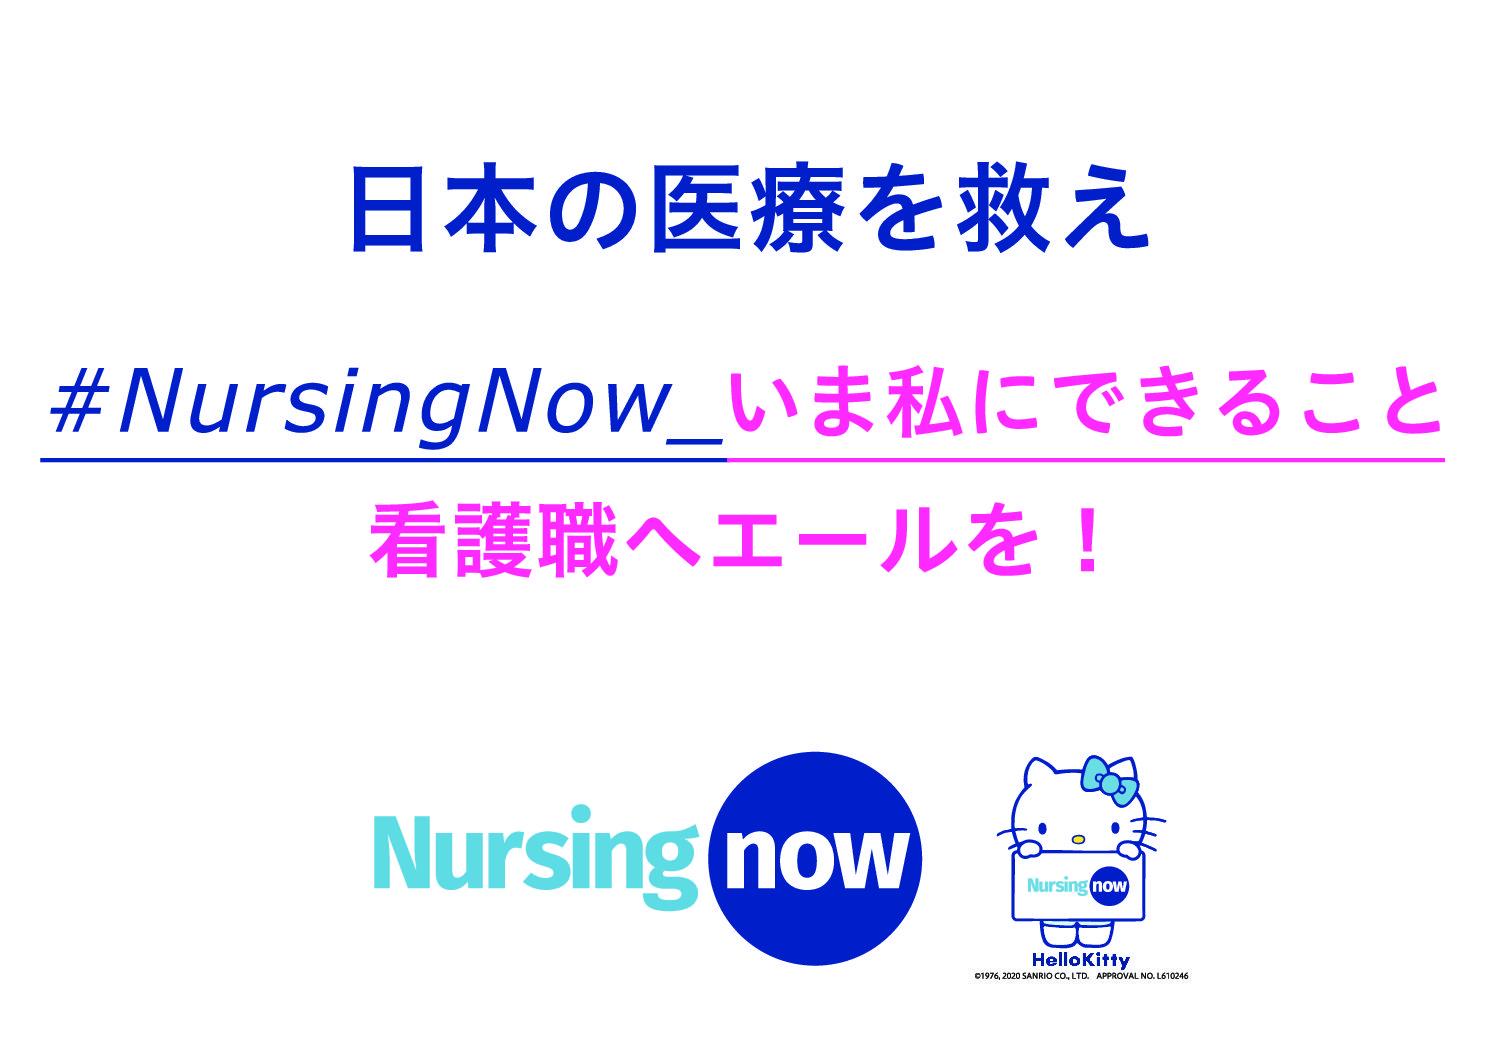 「#NurisngNow_いま私にできること」キャンペーン